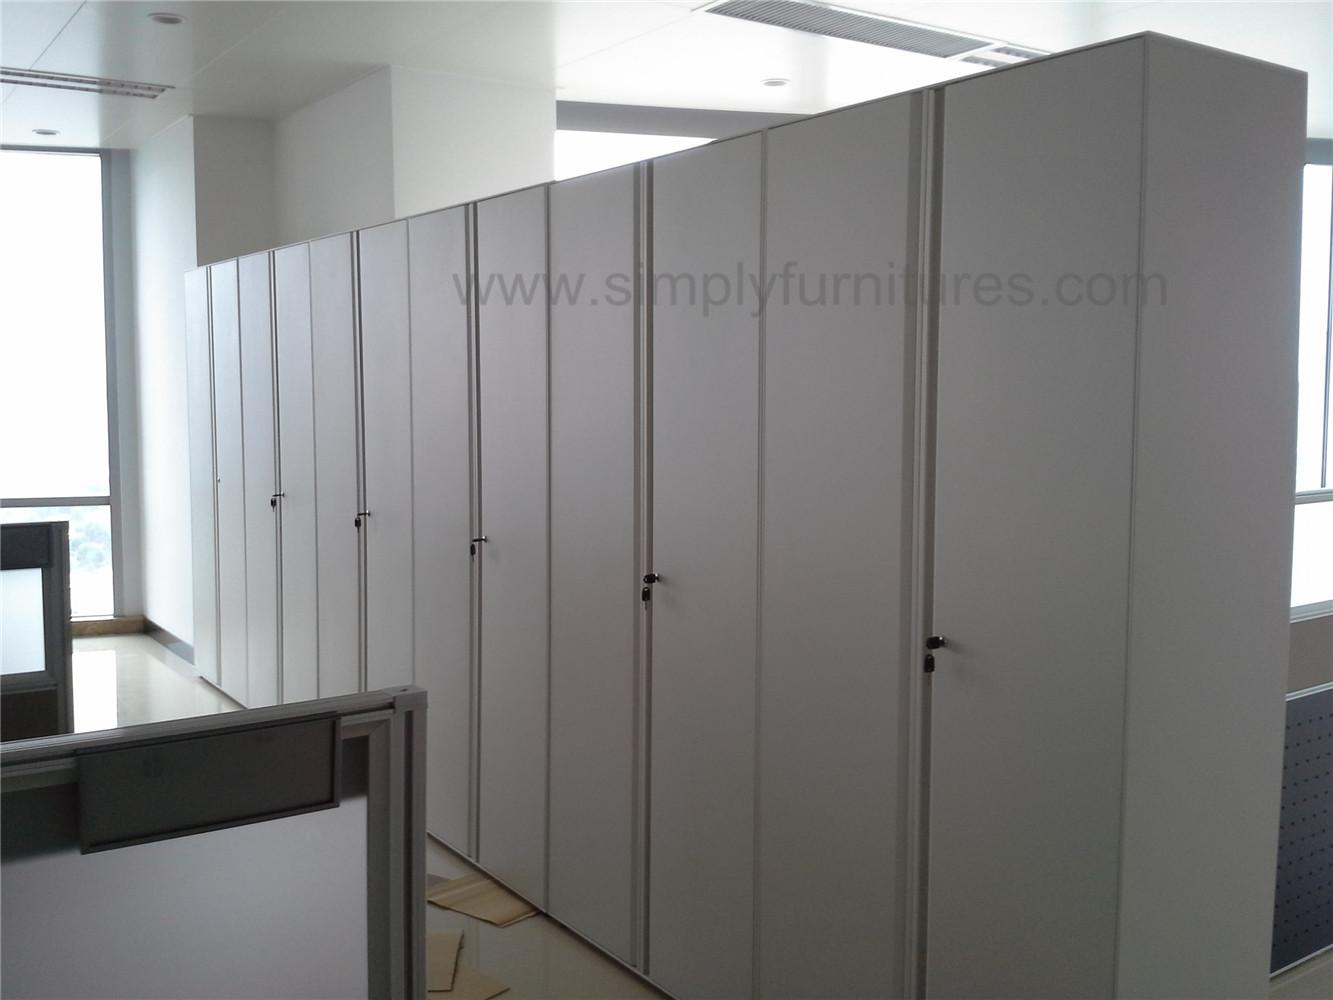 1.8m recess handle swing door cabinet